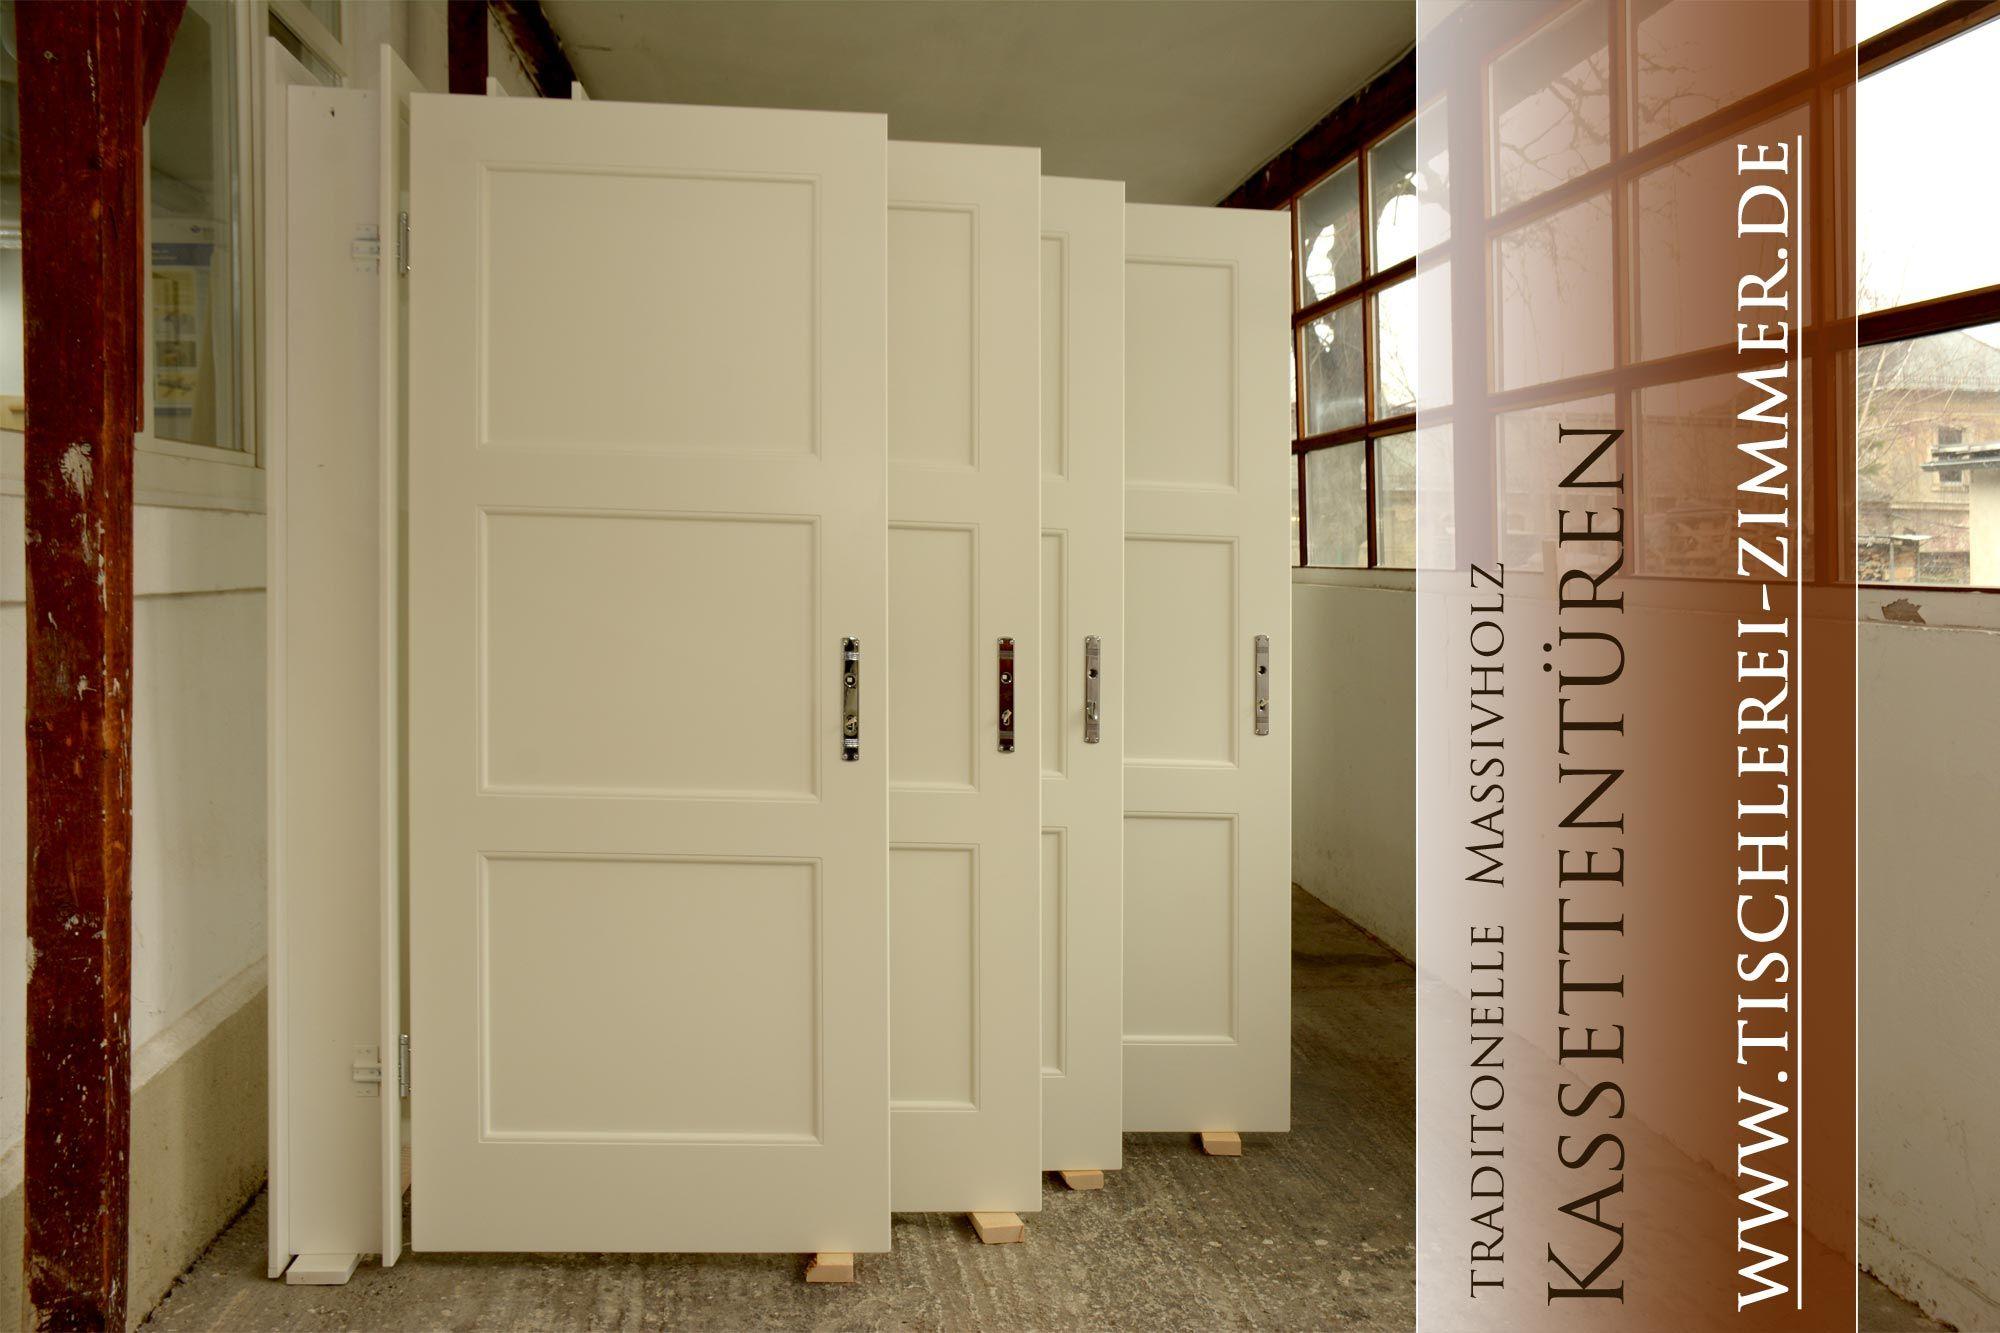 Traditionelle Massivholz Kassettenturen In Weiss Holzfenster Zimmerturen Weiss Innenturen